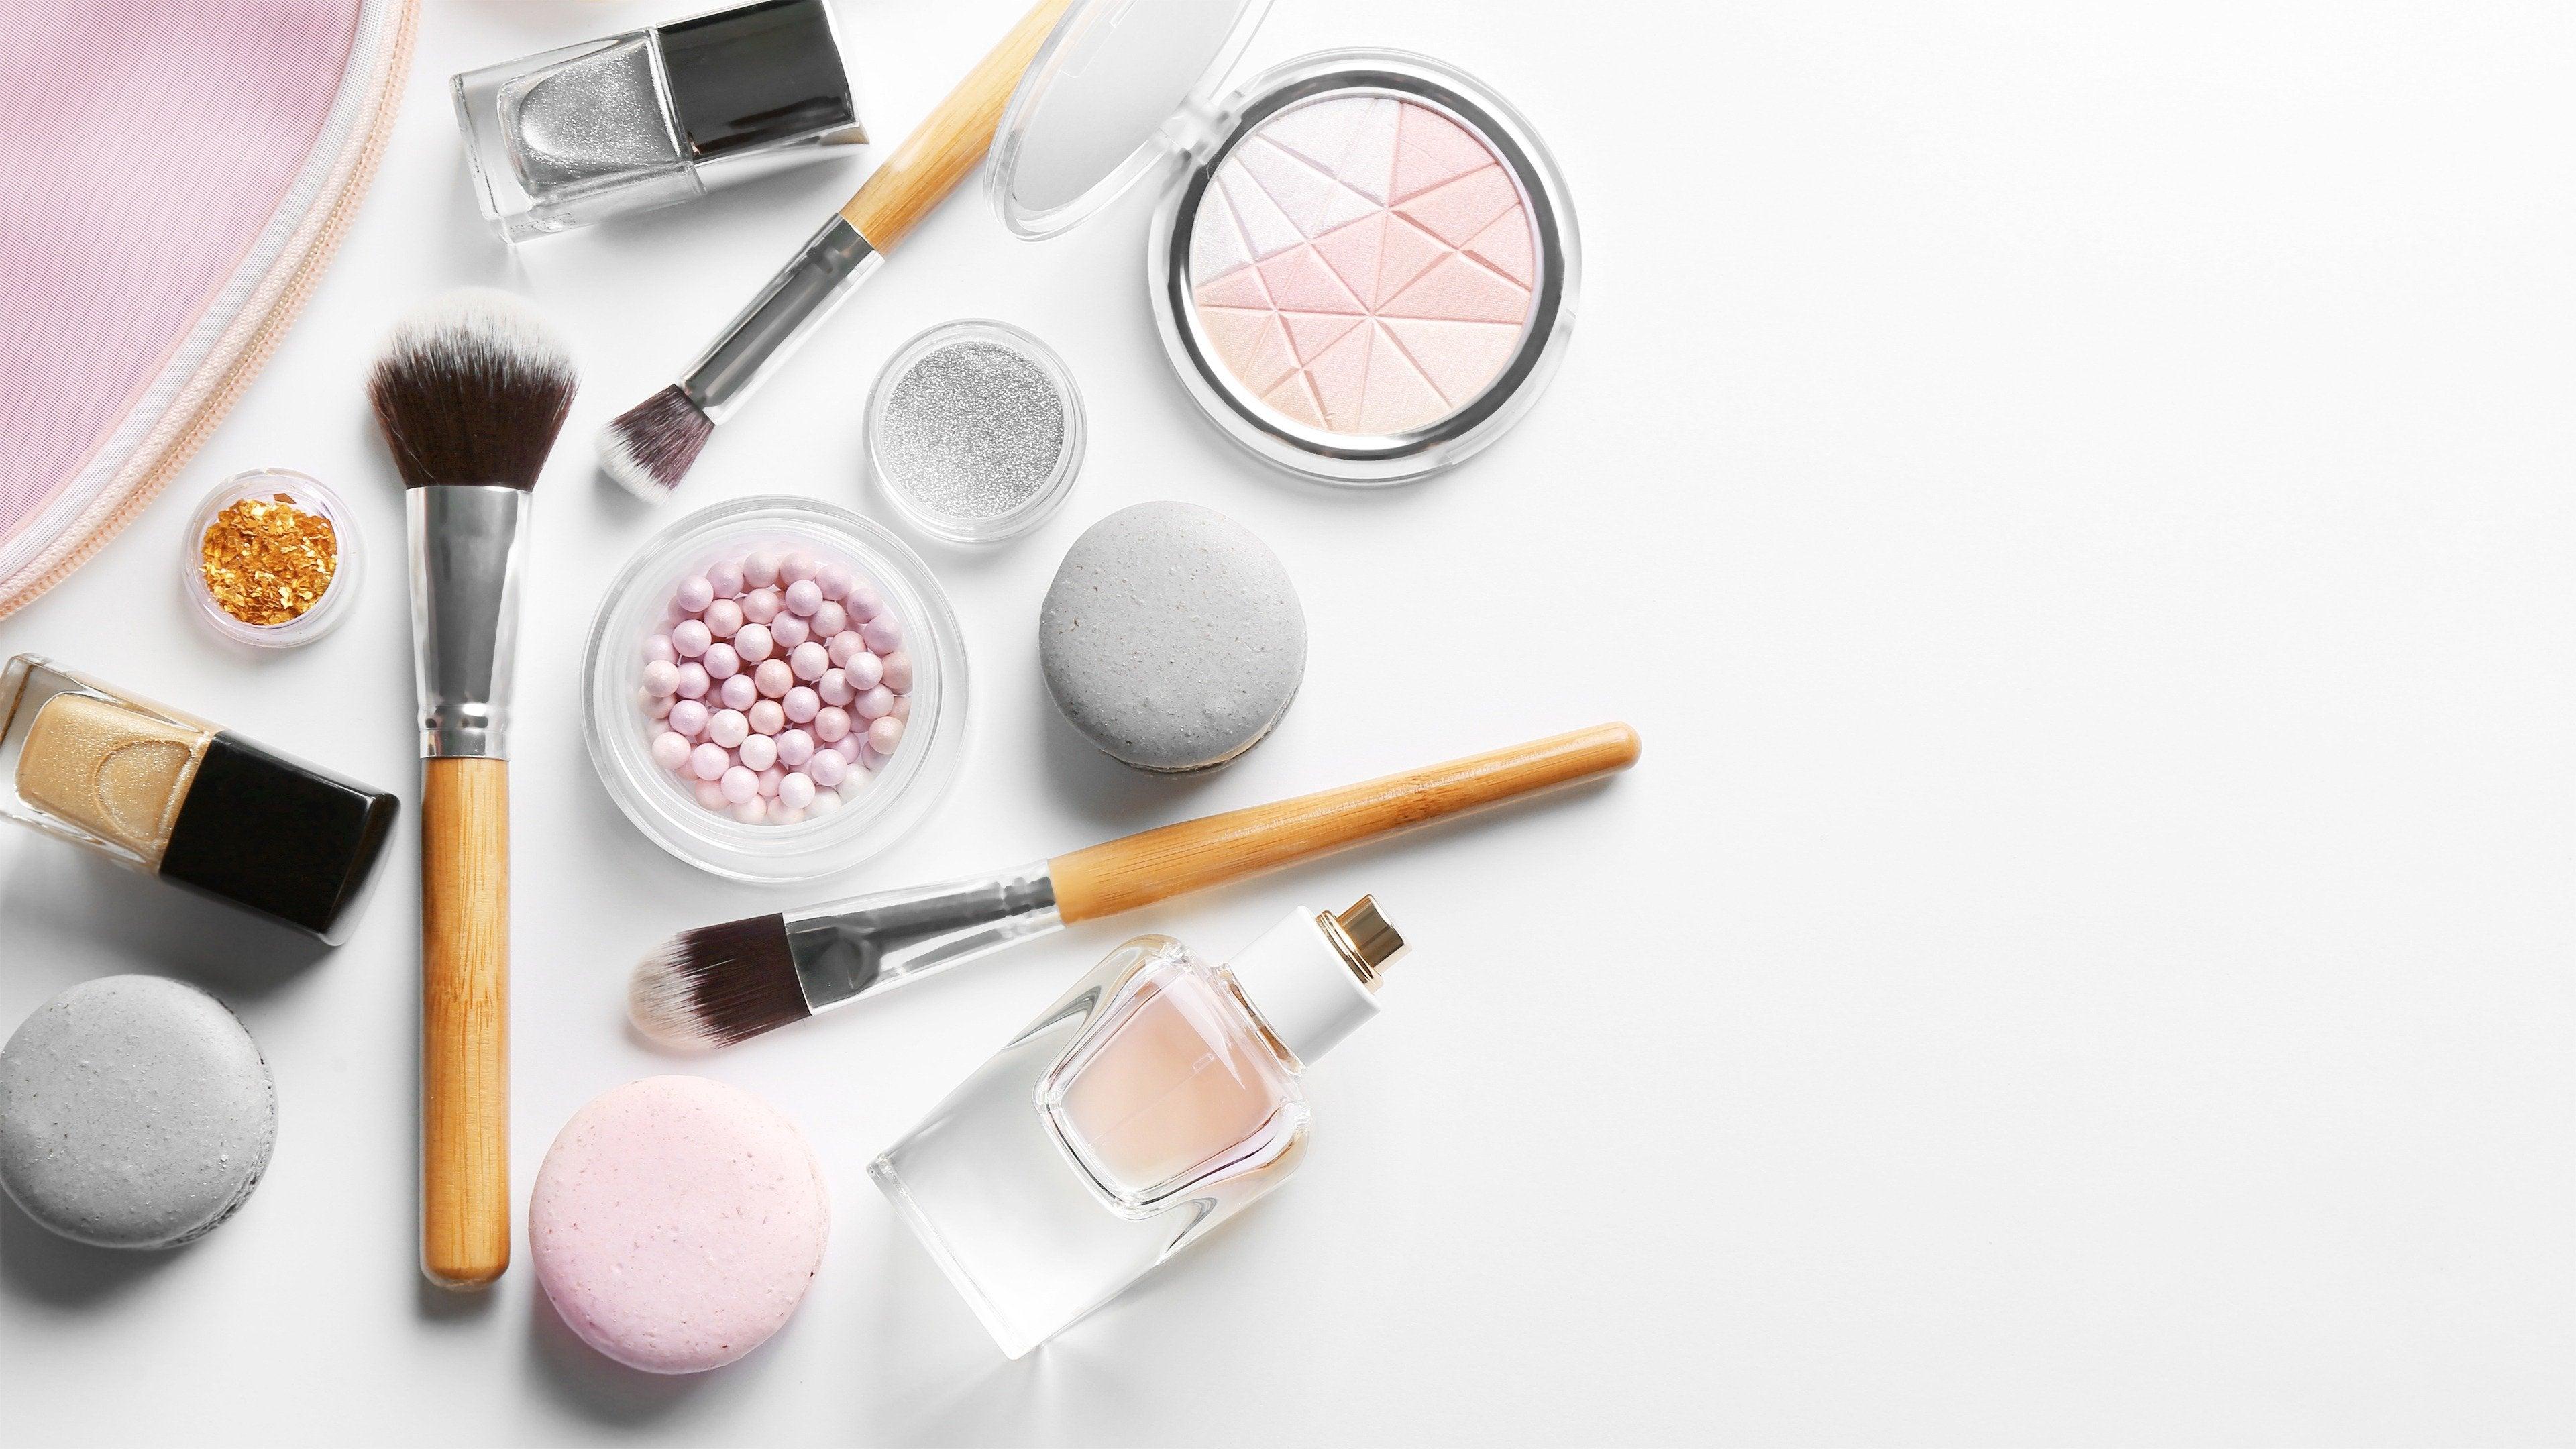 5 Makeup Tips 4 You